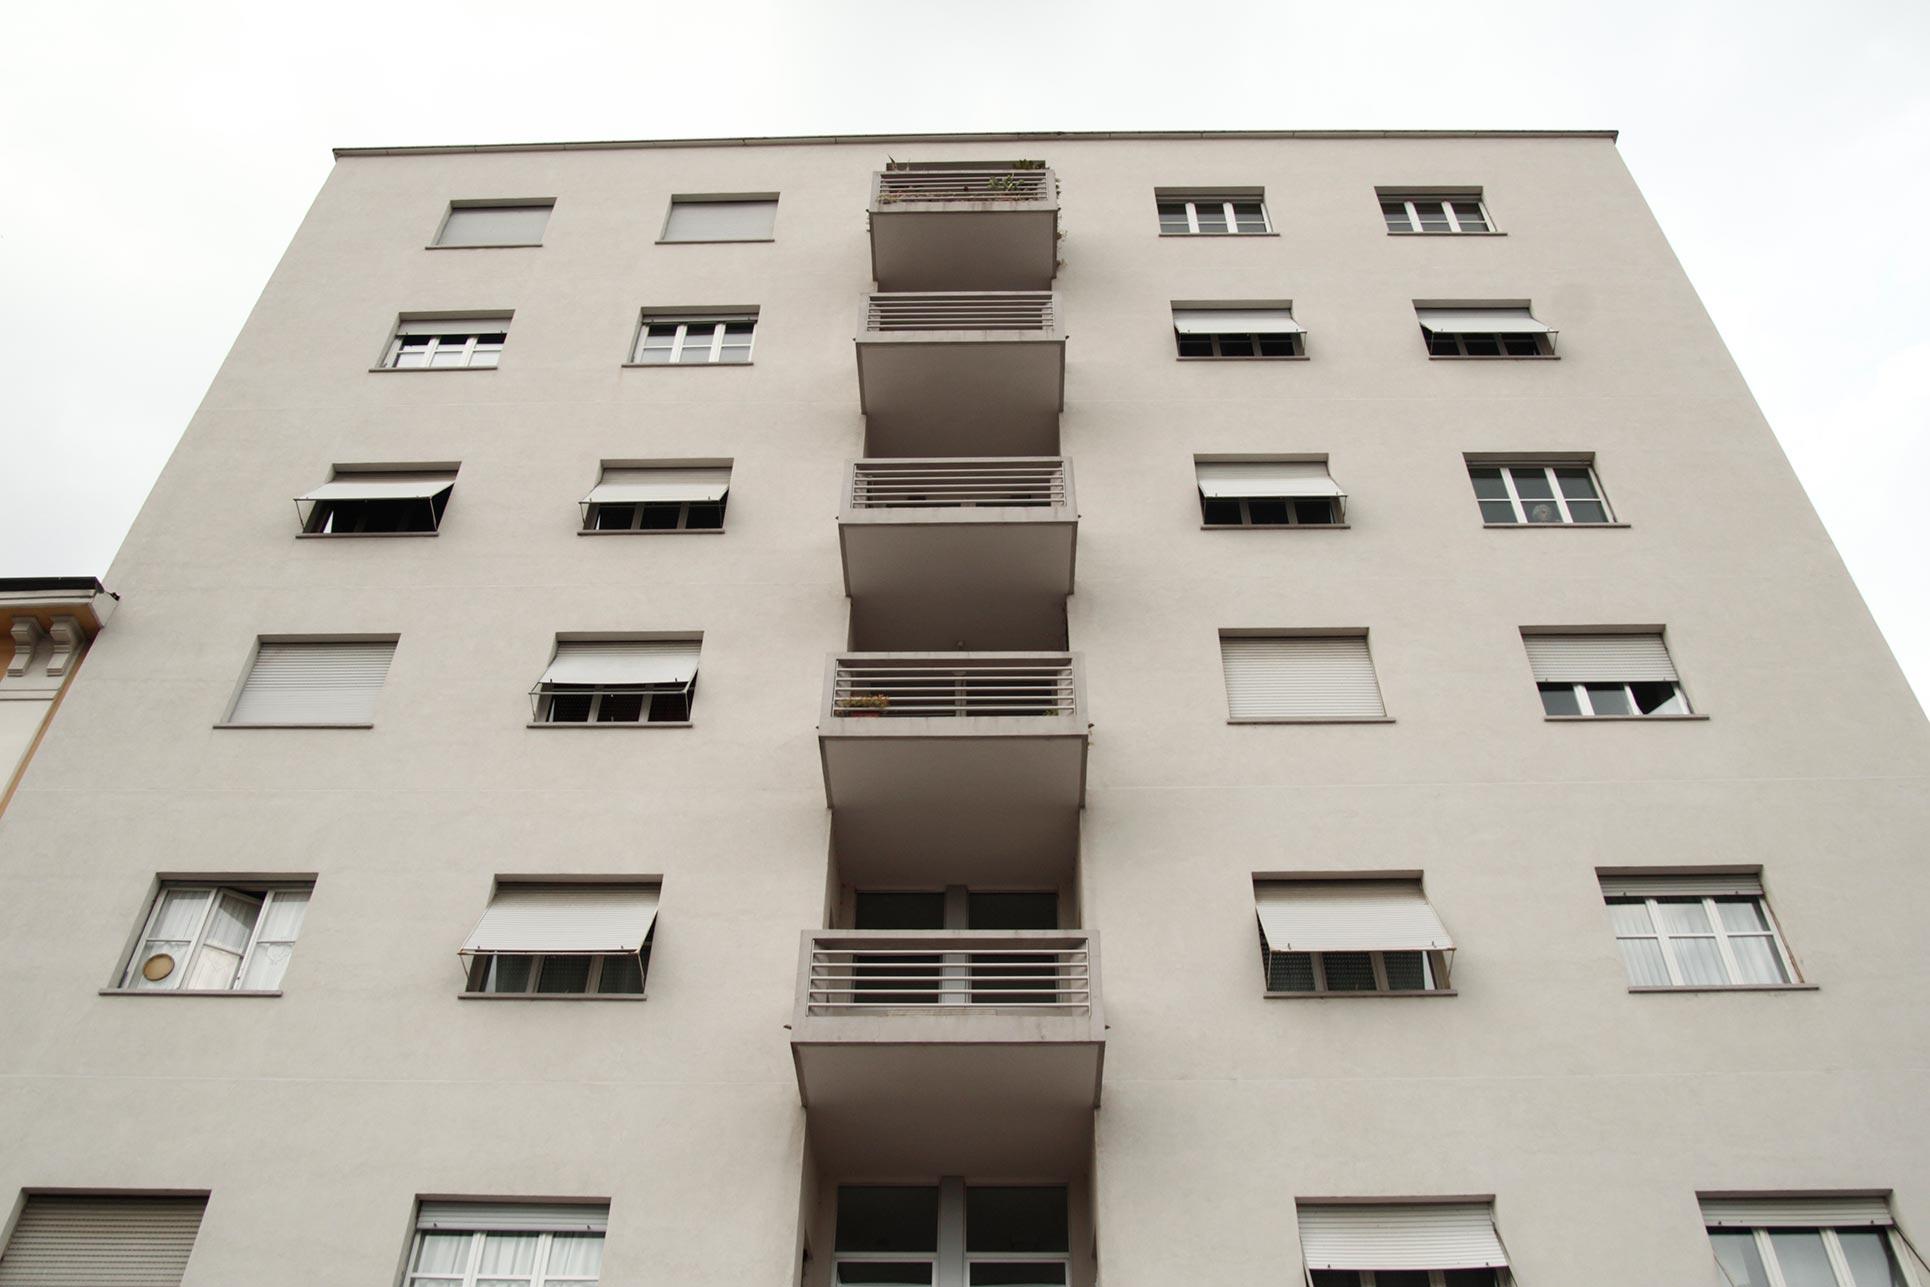 Casa Rustici Comolli, 1938, Giuseppe Terragni (Photo: Barbara Fässler)